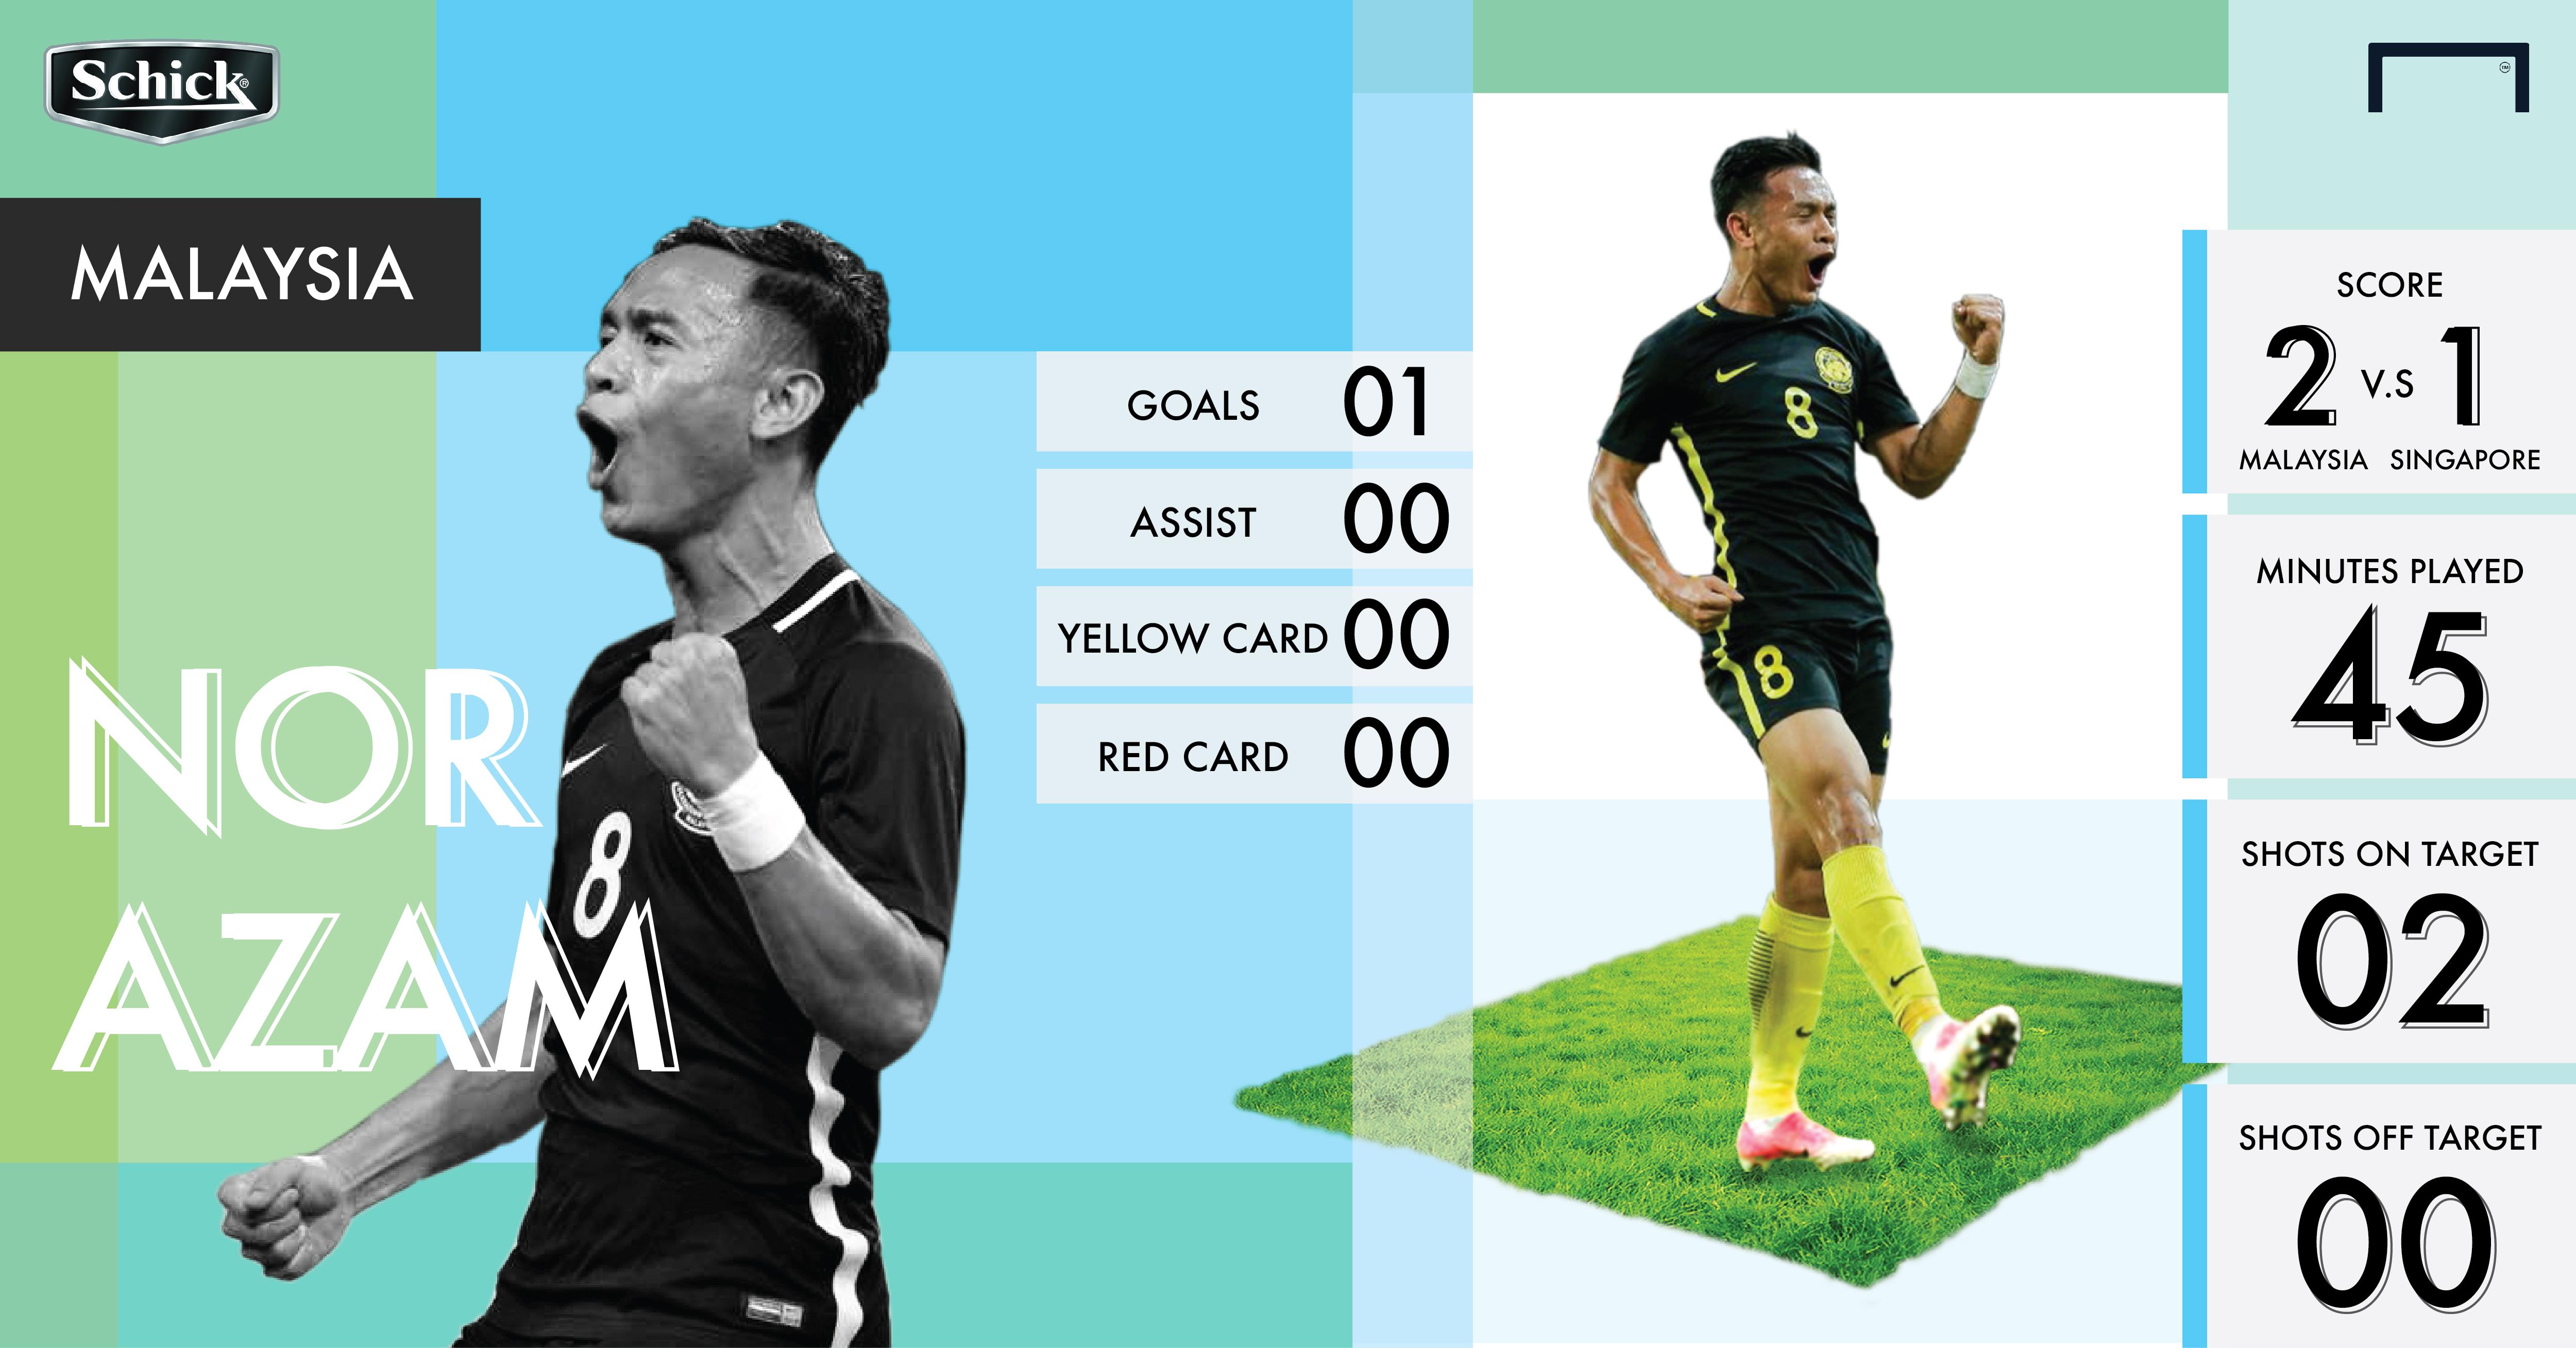 Schick Motm Singapore vs Malaysia